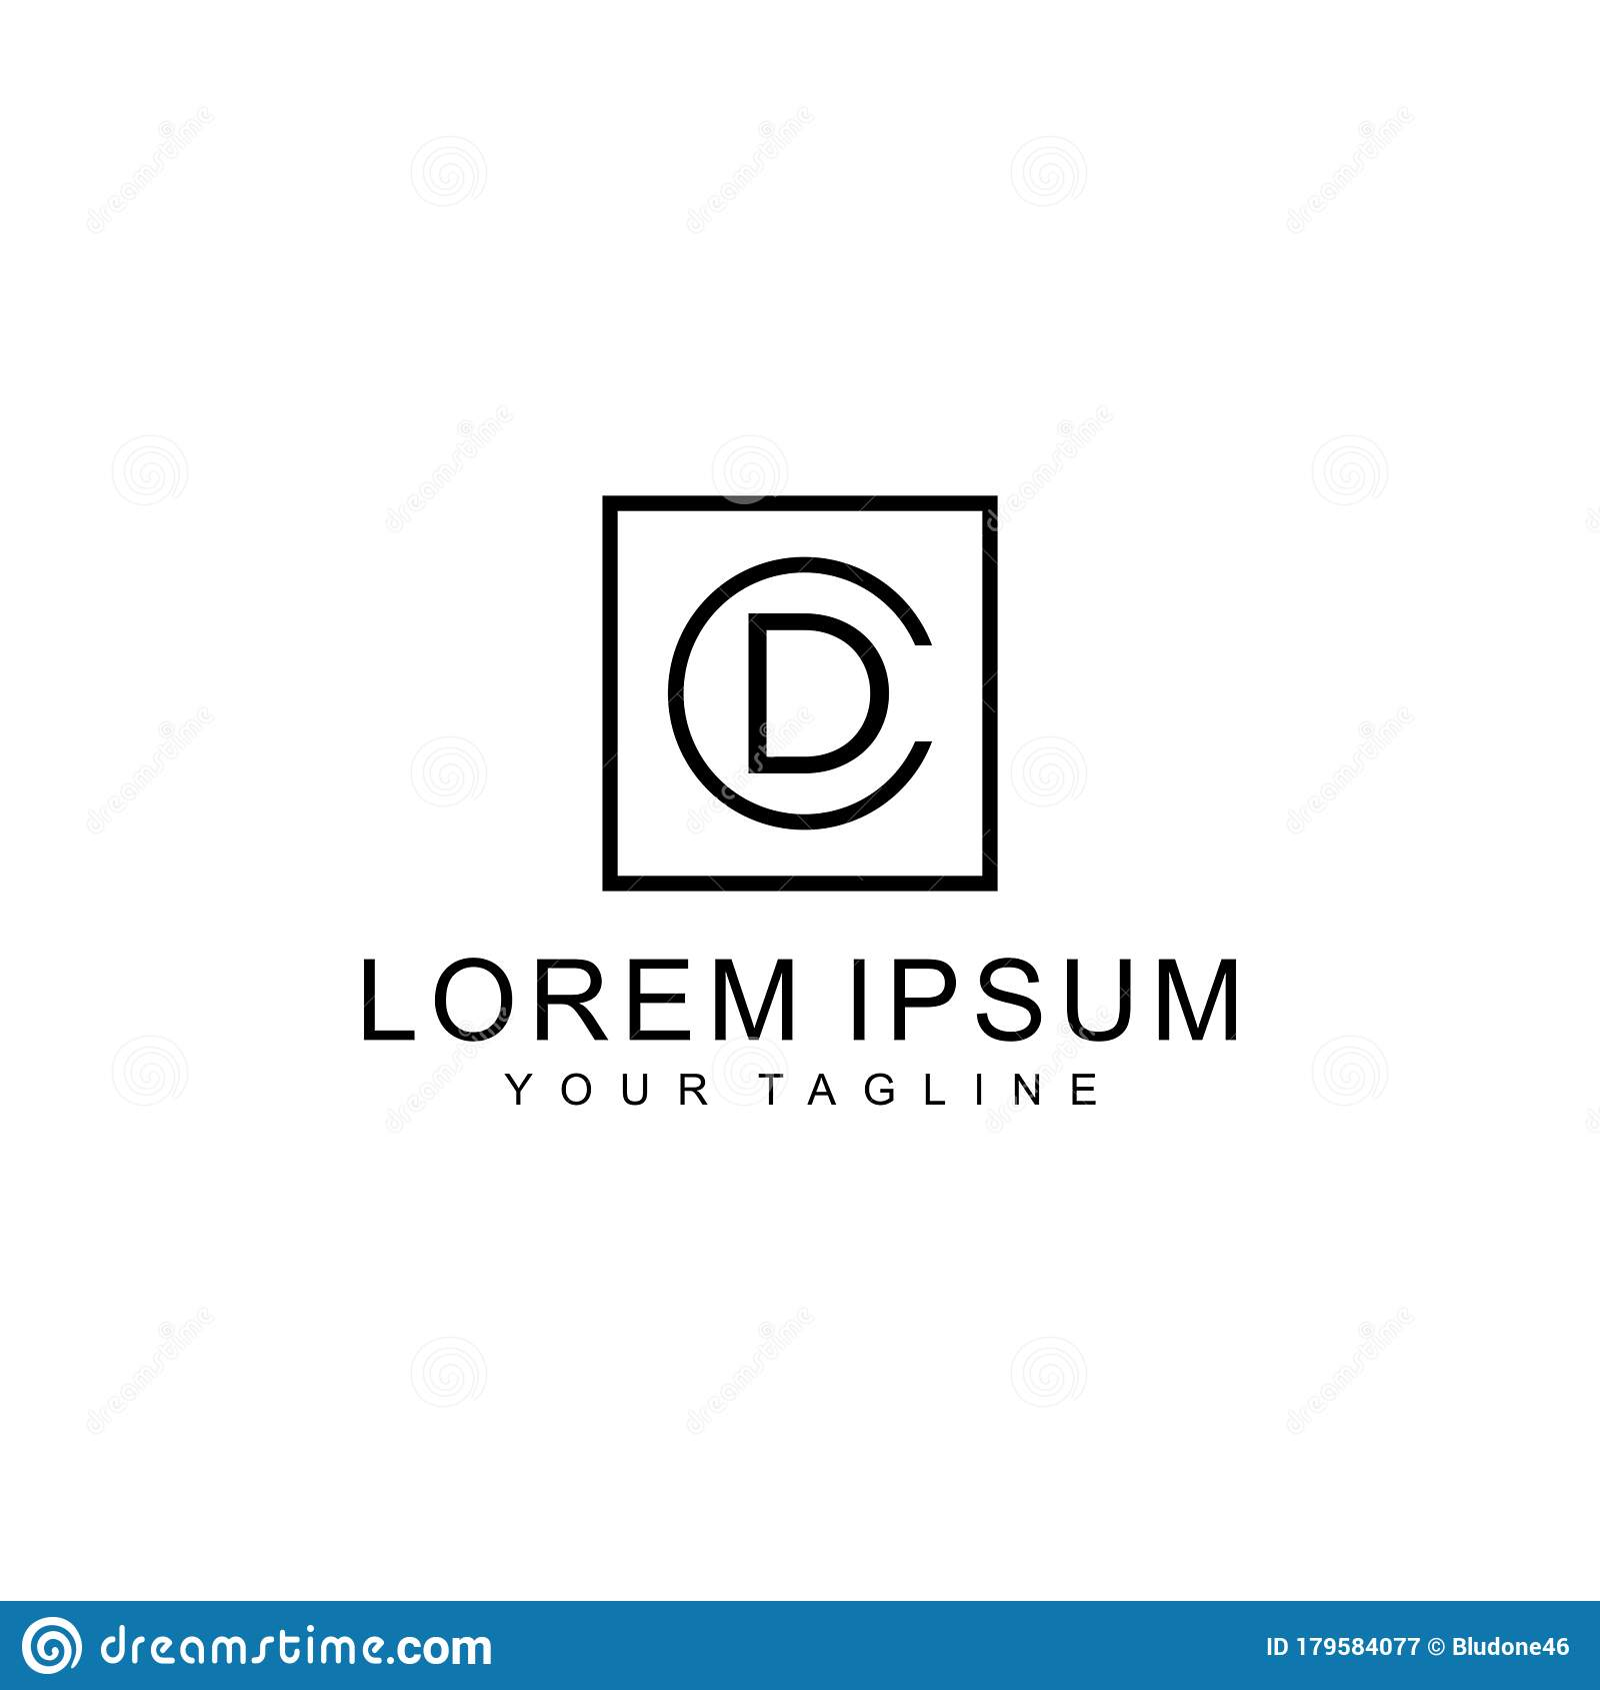 CD Or DC Initial Logo Design Monogram Stock Vector